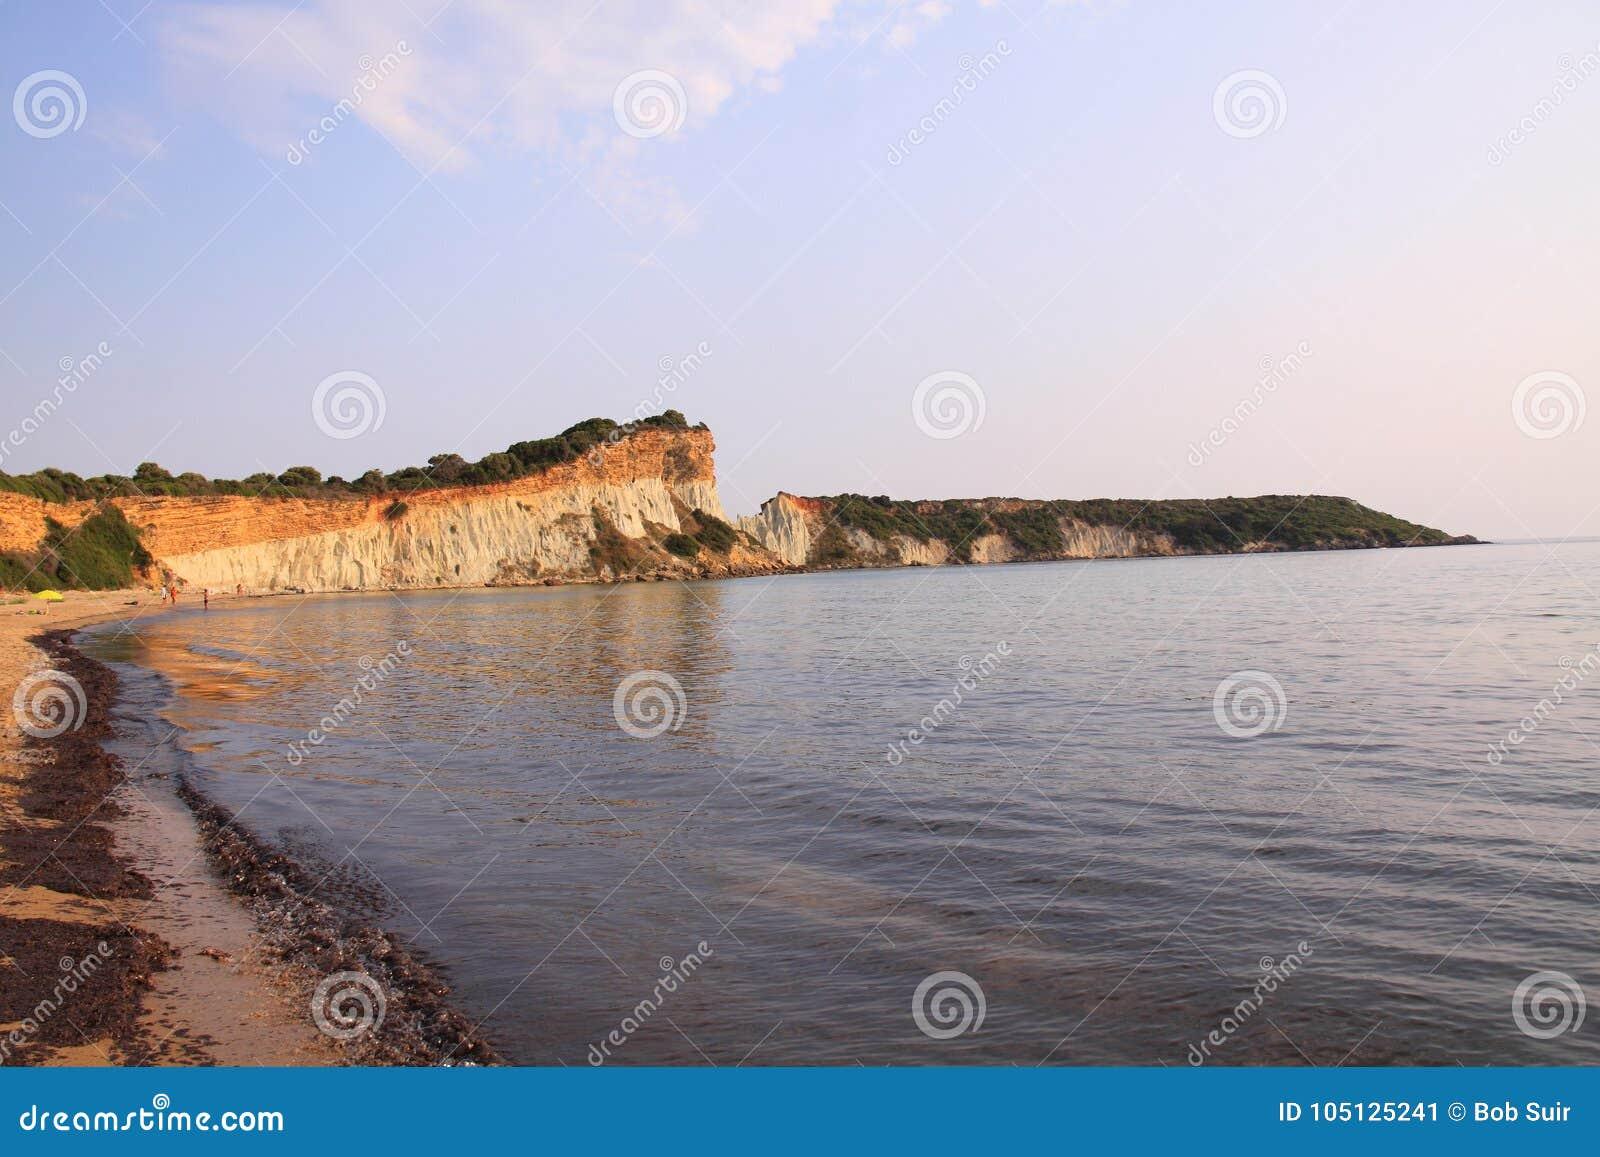 Gerakas falezy na wyspie Zakynthos i plaża